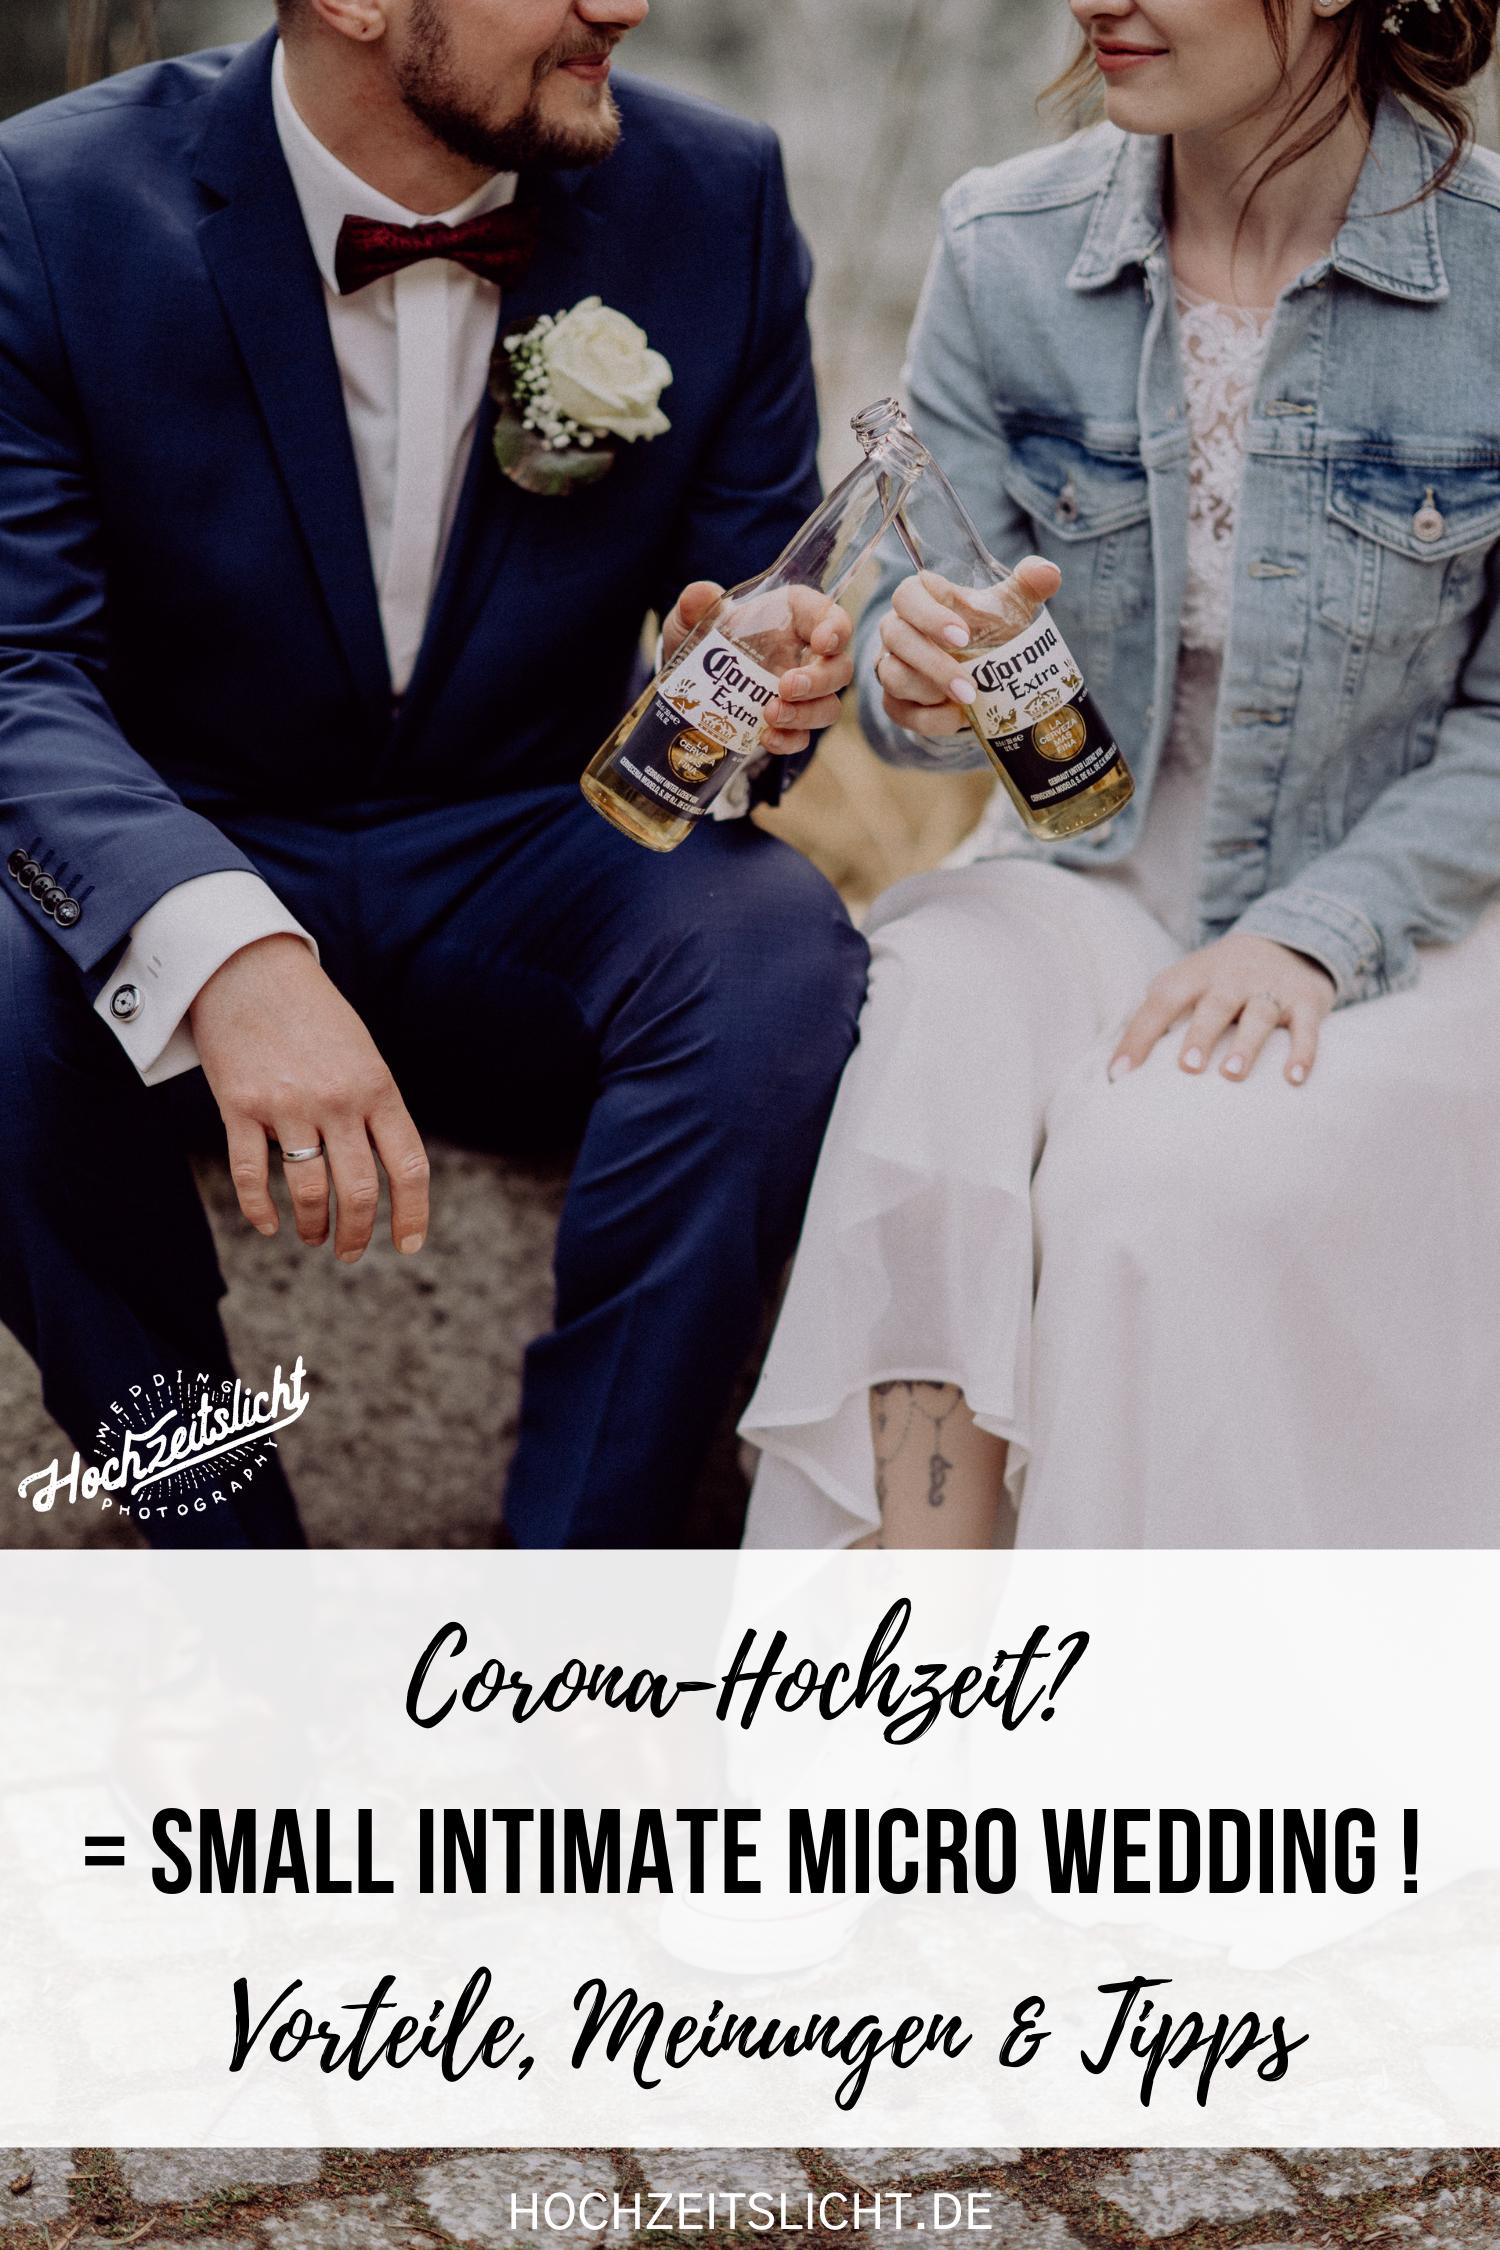 Corona-Hochzeit? = Kleine Hochzeit! Ideen: Mini-Hochzeit oder Micro-Wedding werden durch Covid 19 umgeplante Hochzeiten genannt. Auch bekannt unter Small Intimate Wedding oder Tiny Wedding hat diese Form des standesamtlichen Heiratens viele Vorteile. Ideen zu Hochzeitsbildern sowie Experten- und Brautpaar-Tipps zu diesem Hochzeitstrend verraten wir euch ausführlich in unserem #hochzeitslicht Blog. #coronahochzeit #covid19hochzeit #standesamt #kleinehochzeit #smallwedding #intimatewedding